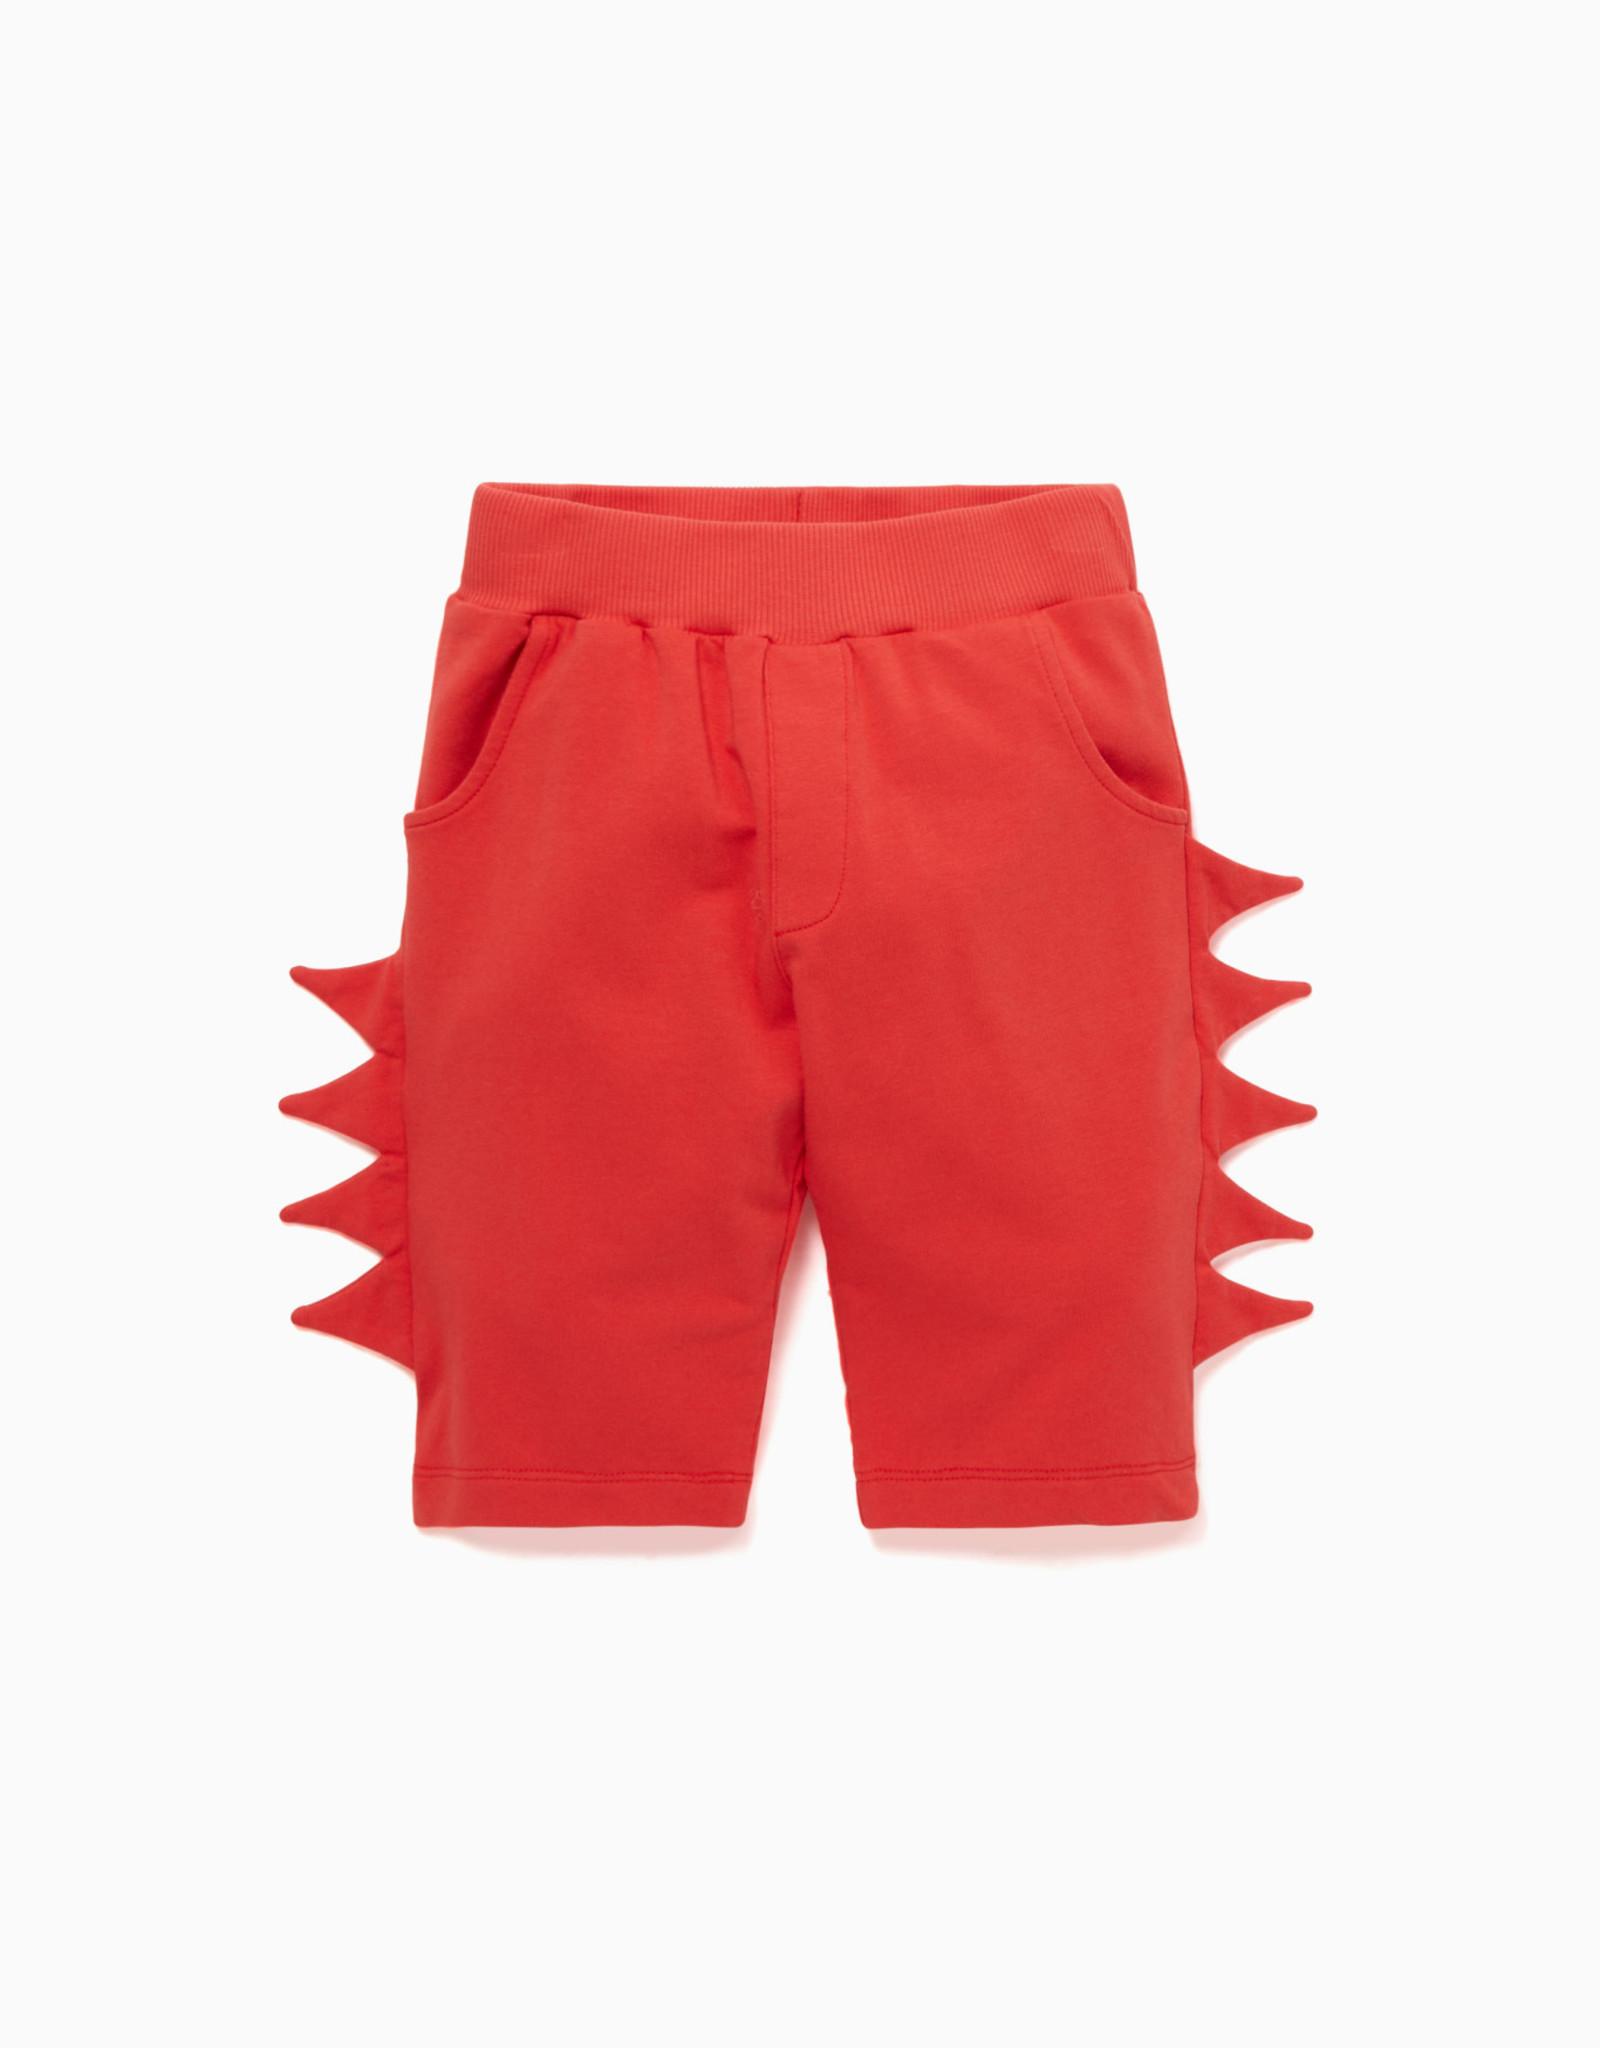 Yporque Spine Pants